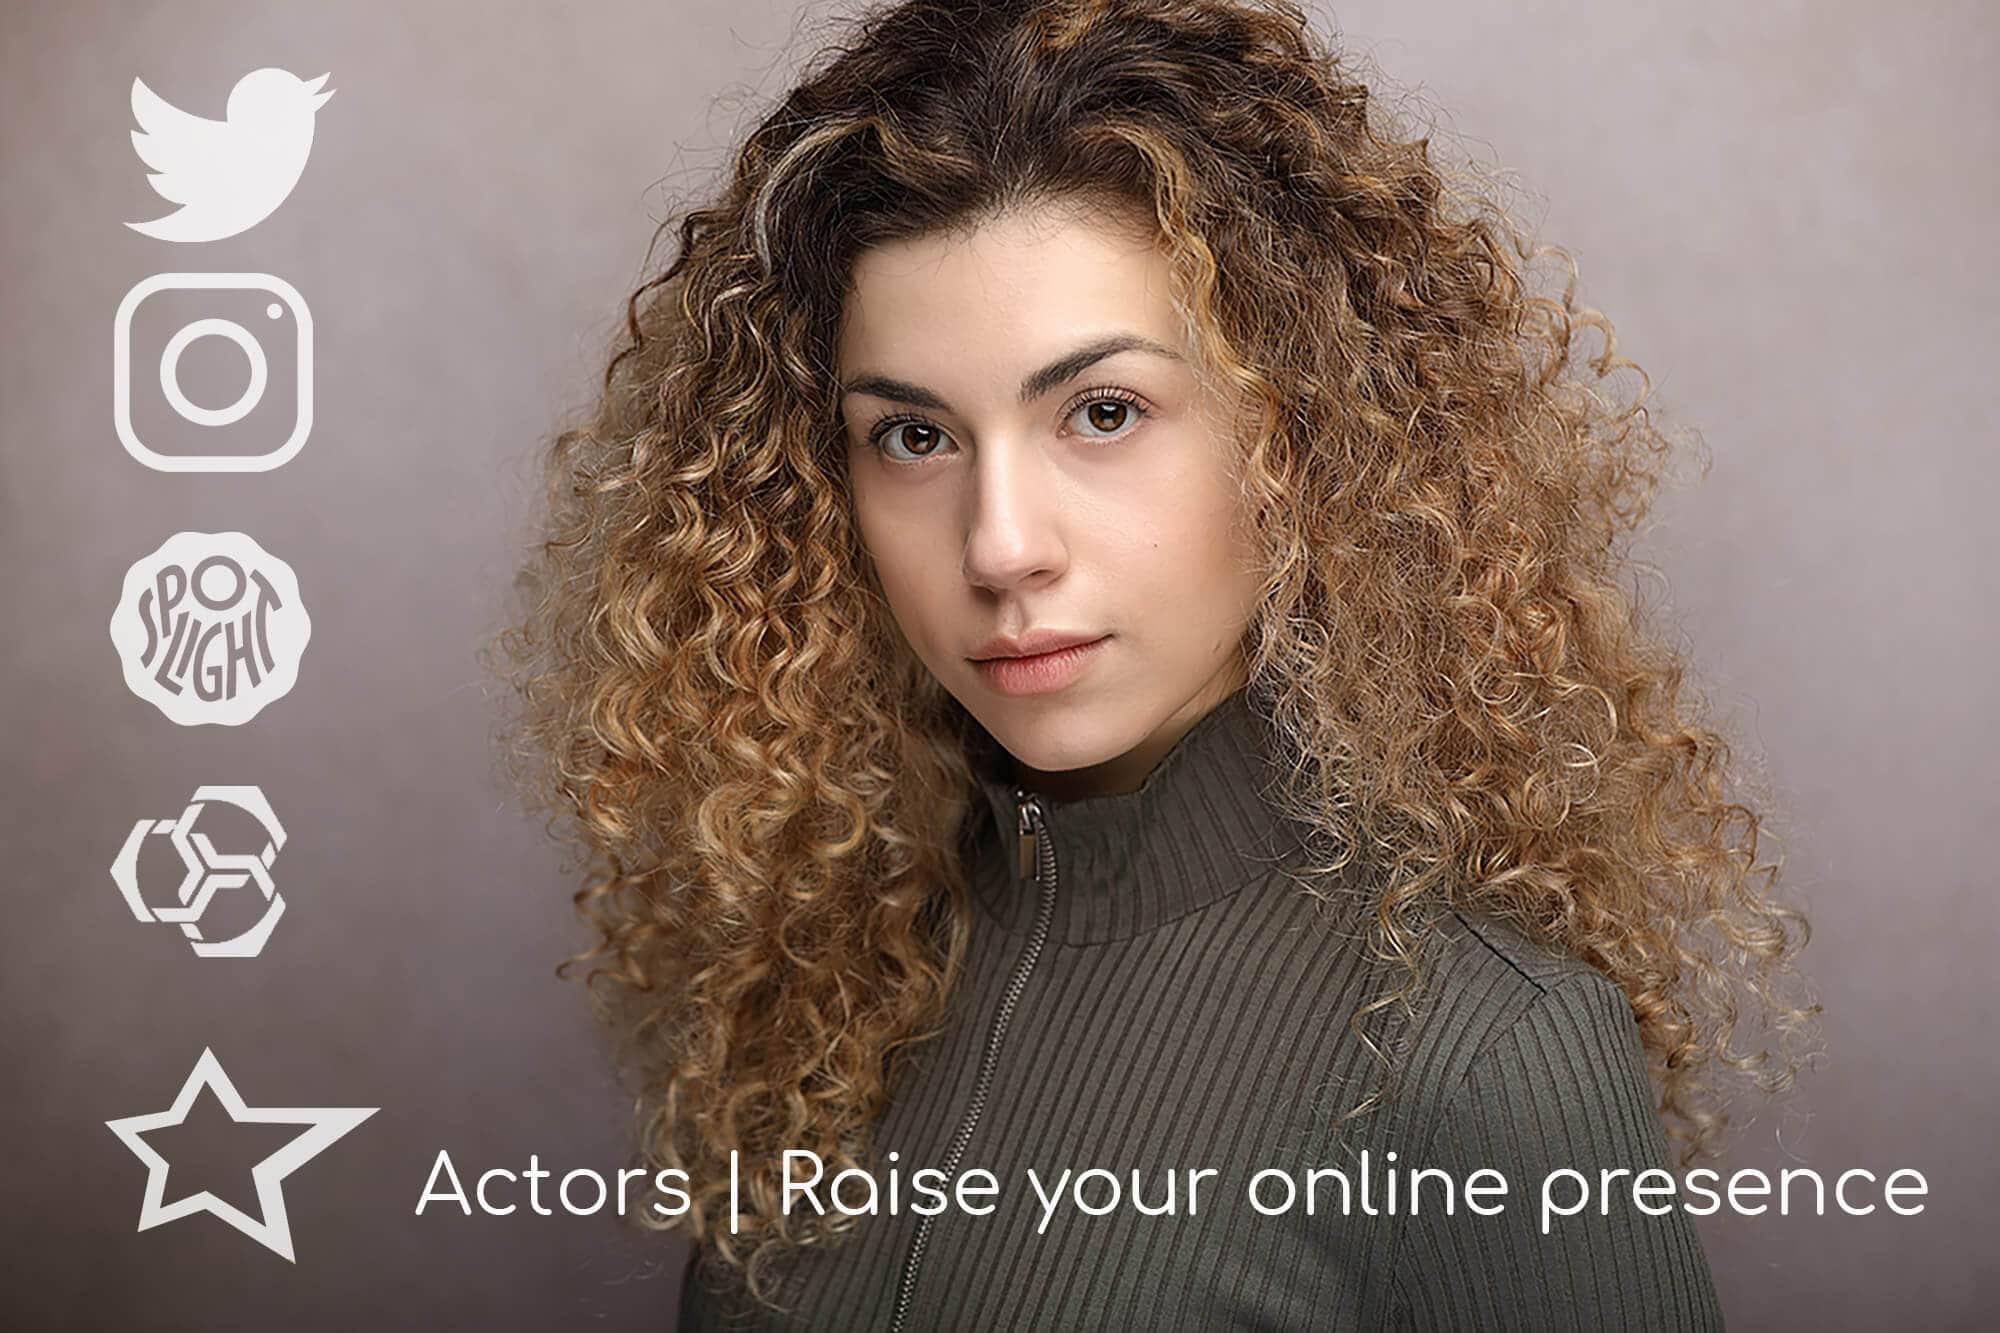 Ways for actors to get more exposure online